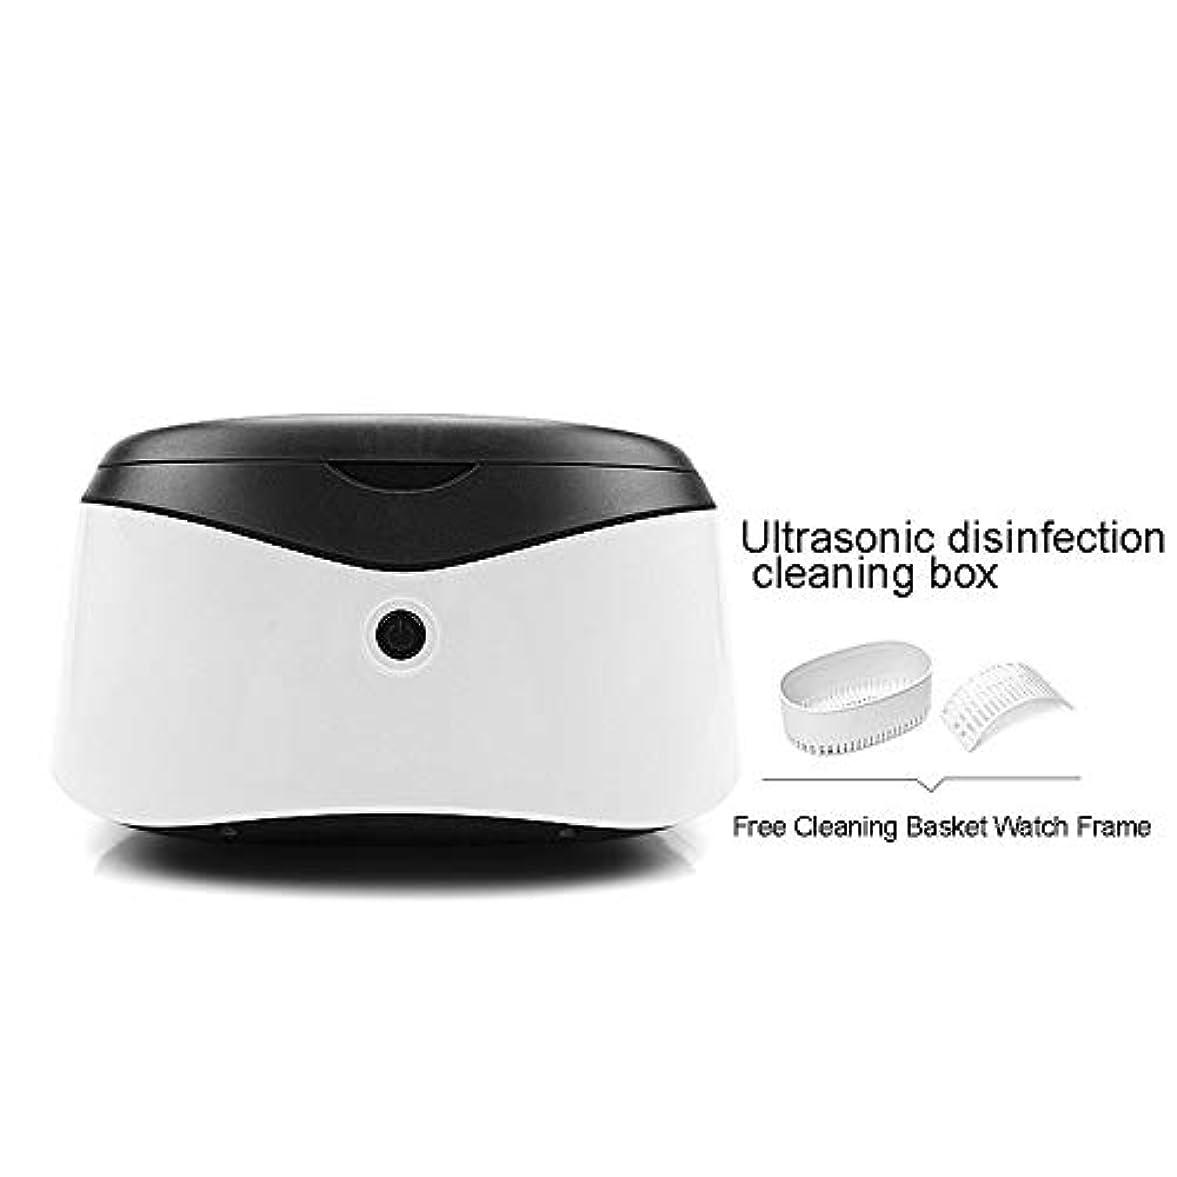 信頼性トレイルアジアネイル滅菌ボックス、600 Ml超音波クリーナー、美容ツール滅菌器、高温UVクリーニングツール滅菌器